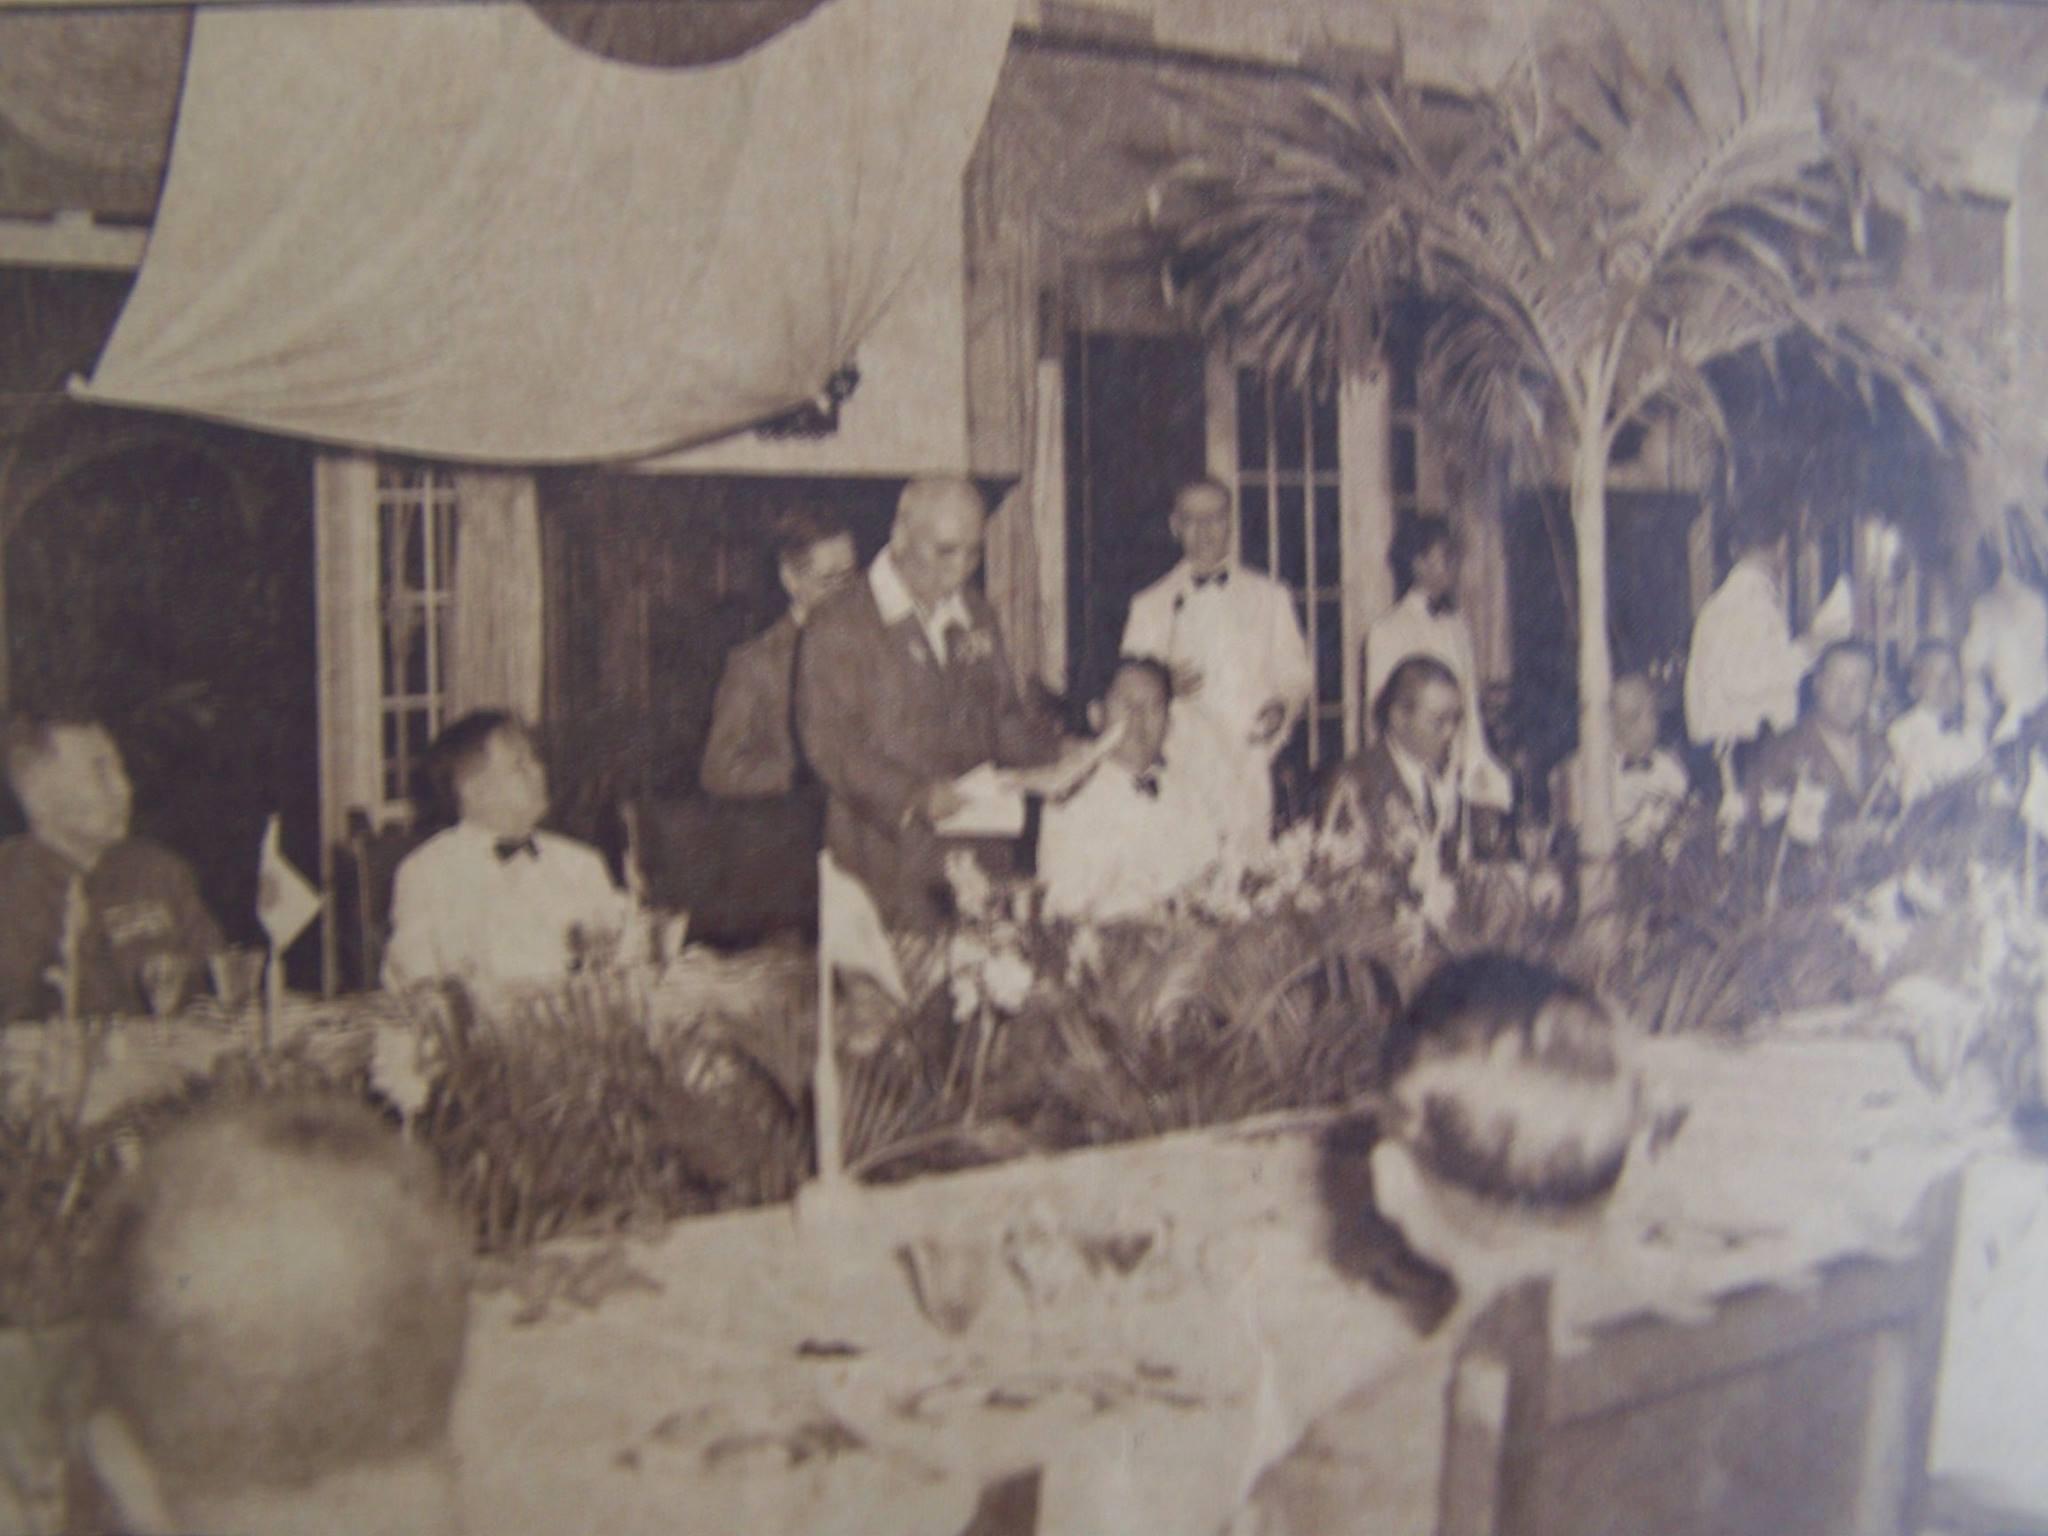 Gen.Homma celebrates Hirohito's birthday at Manila Hotel-1942